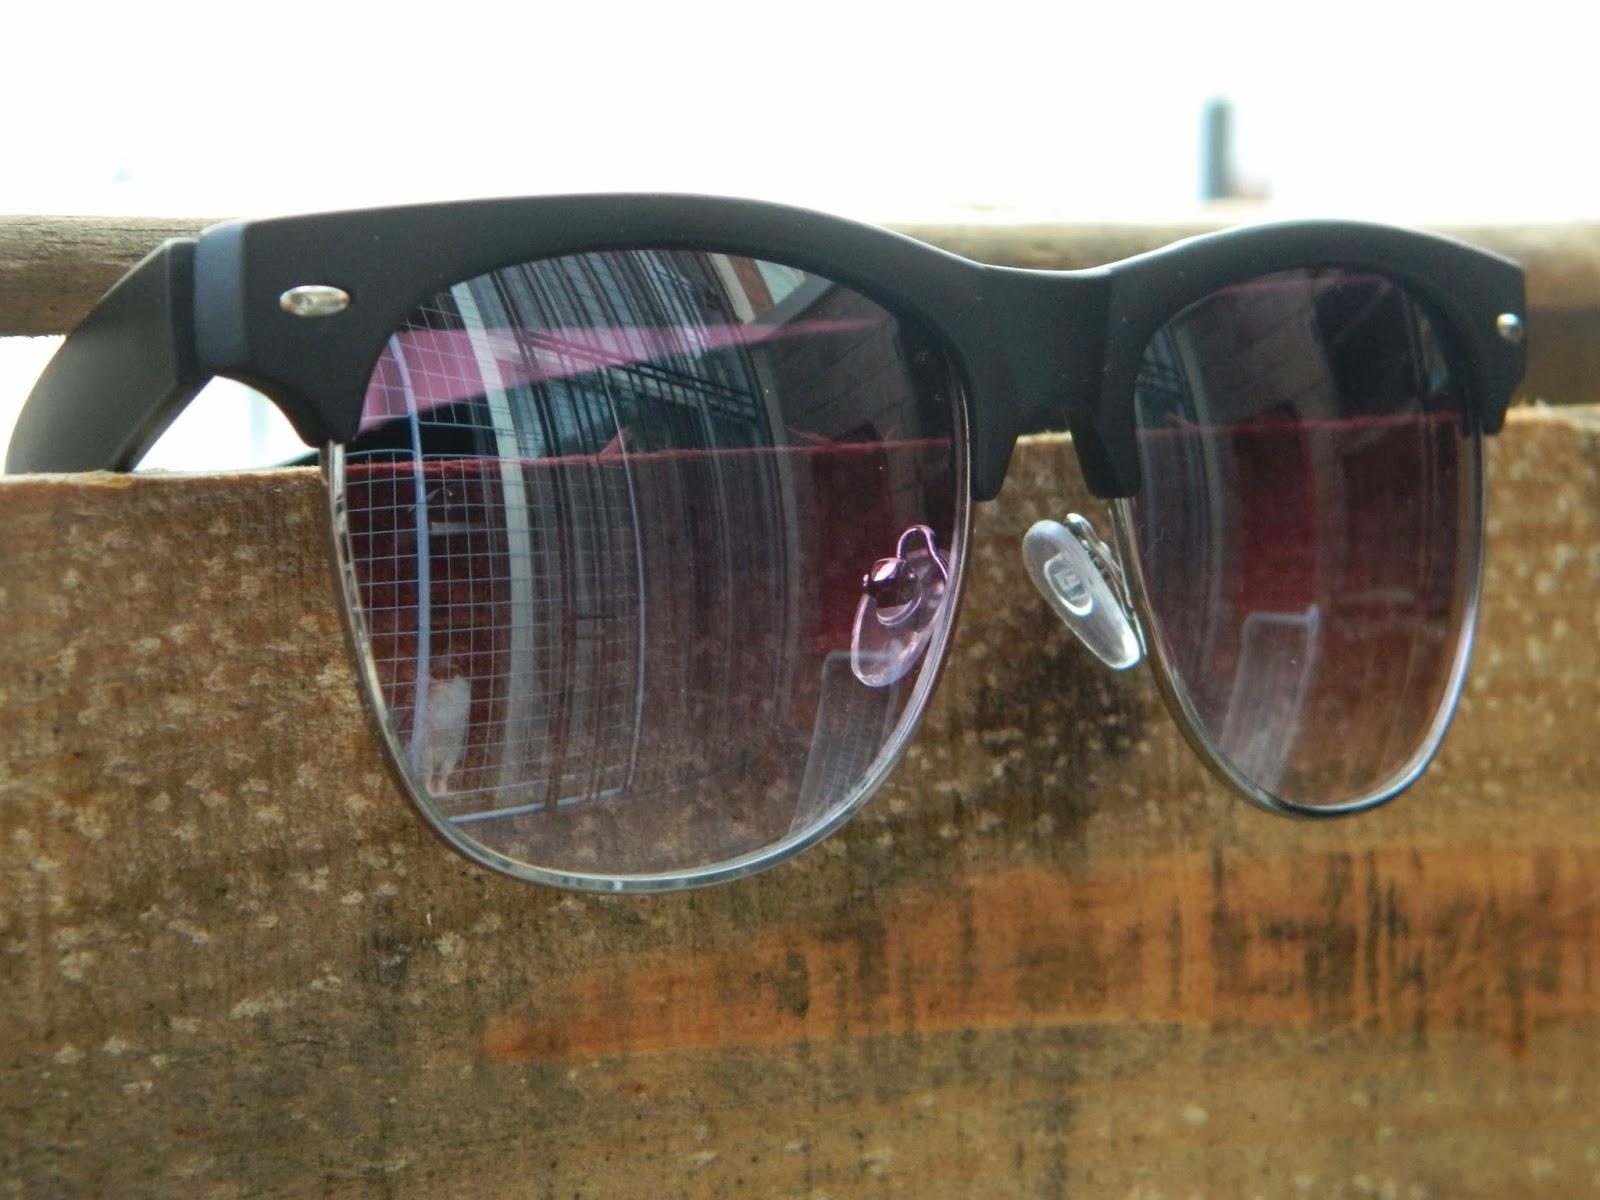 91d531b22 No embalo da postagem dos óculos do Pacey, já fiz estoque de Clubmaster  Style e outros modelos bem legais pra clientela antenada.